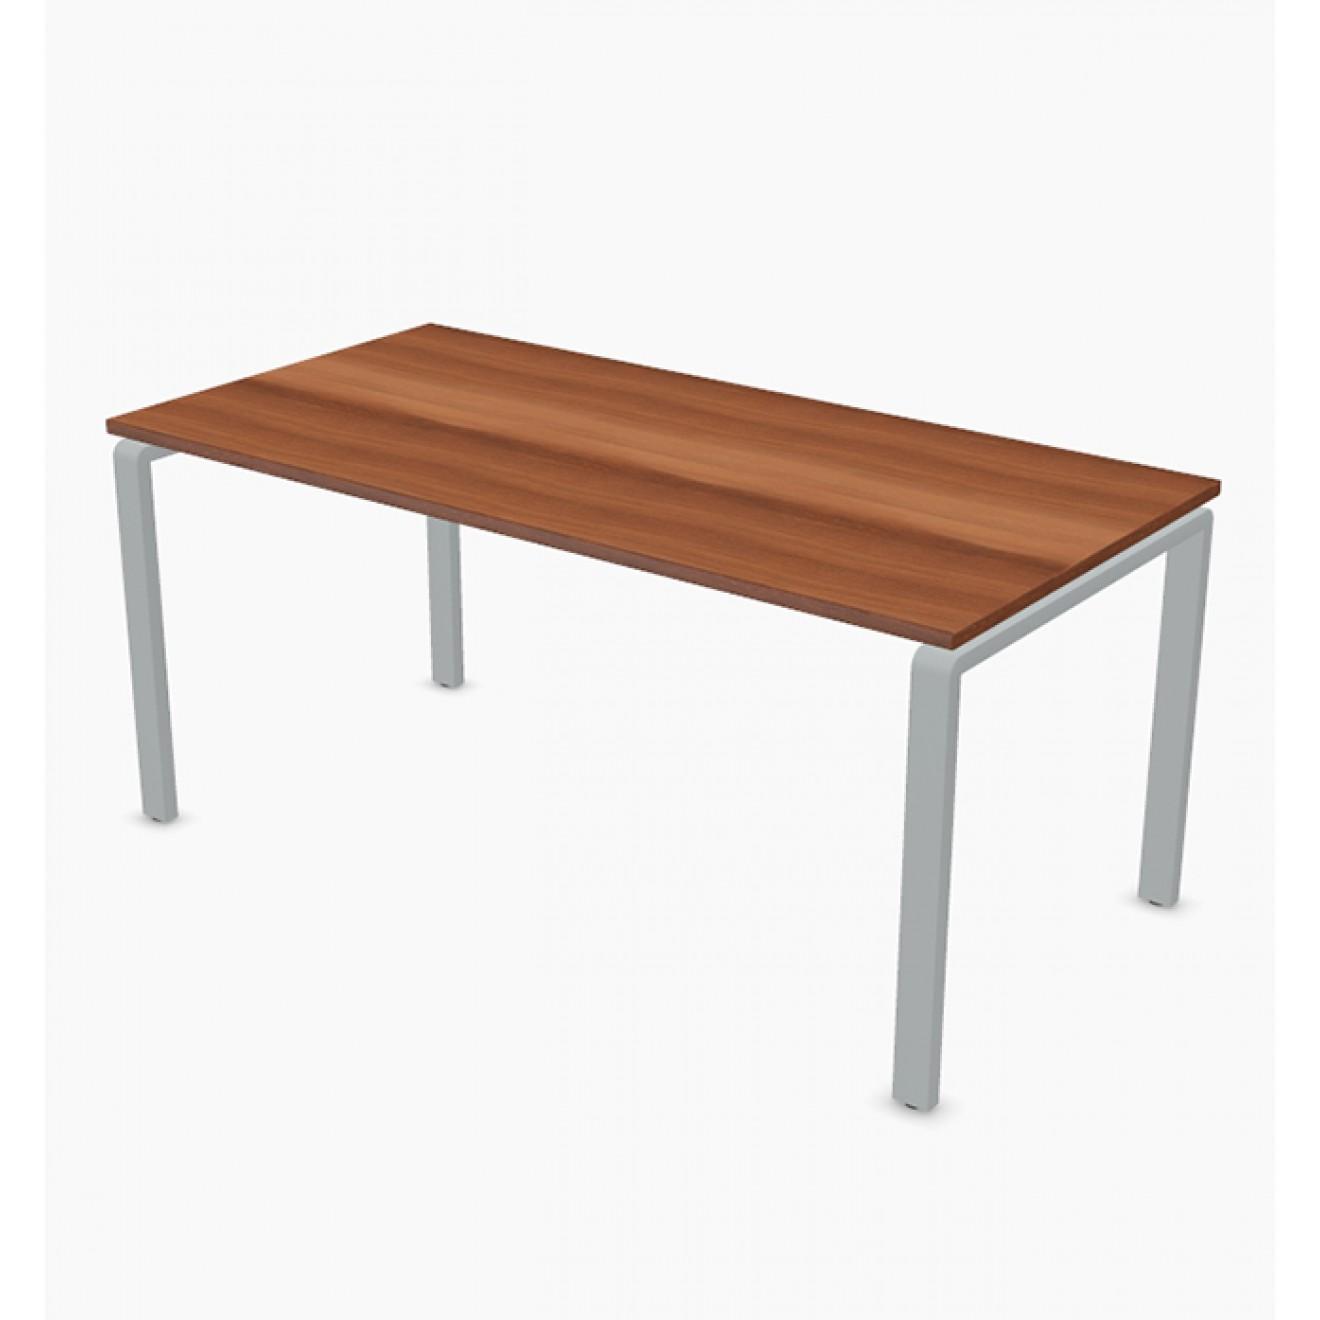 schreibtisch palmberg pensum 160 x 80 cm. Black Bedroom Furniture Sets. Home Design Ideas